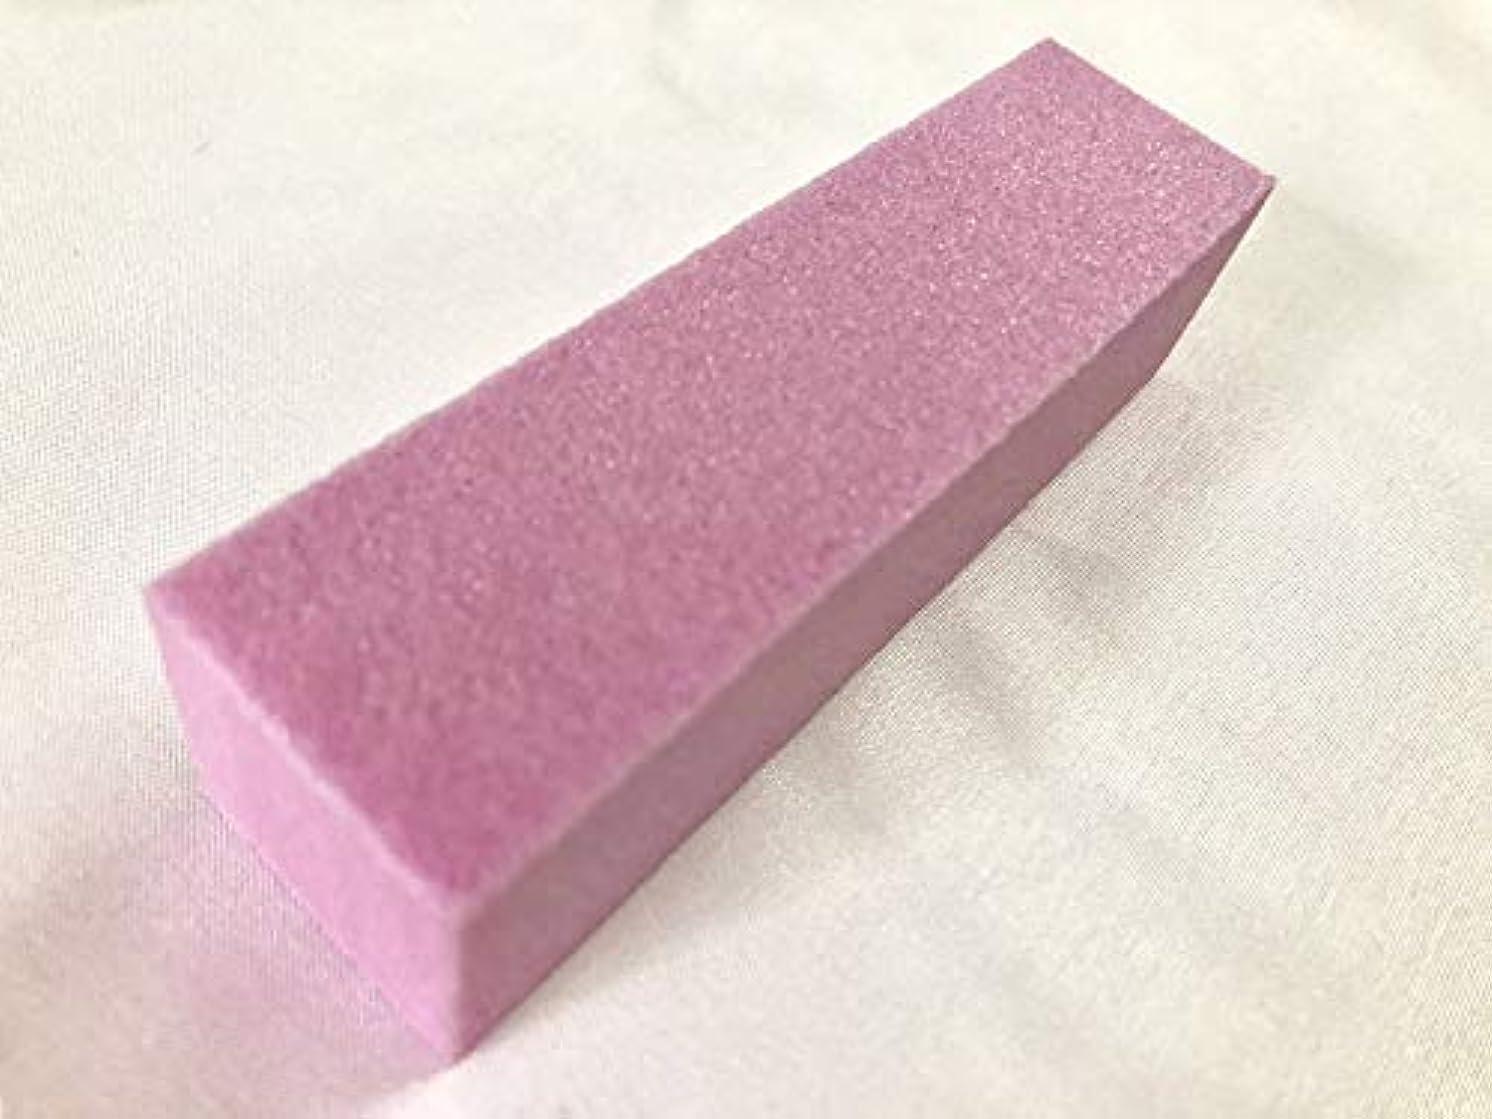 サーバ作家サーバスポンジ ネイル ファイル 4本セット マニュキュア ネイル ジェルネイル カラフルなスポンジやすりです 使用用途: ネイルファイル 角質とり 刃物のやすり